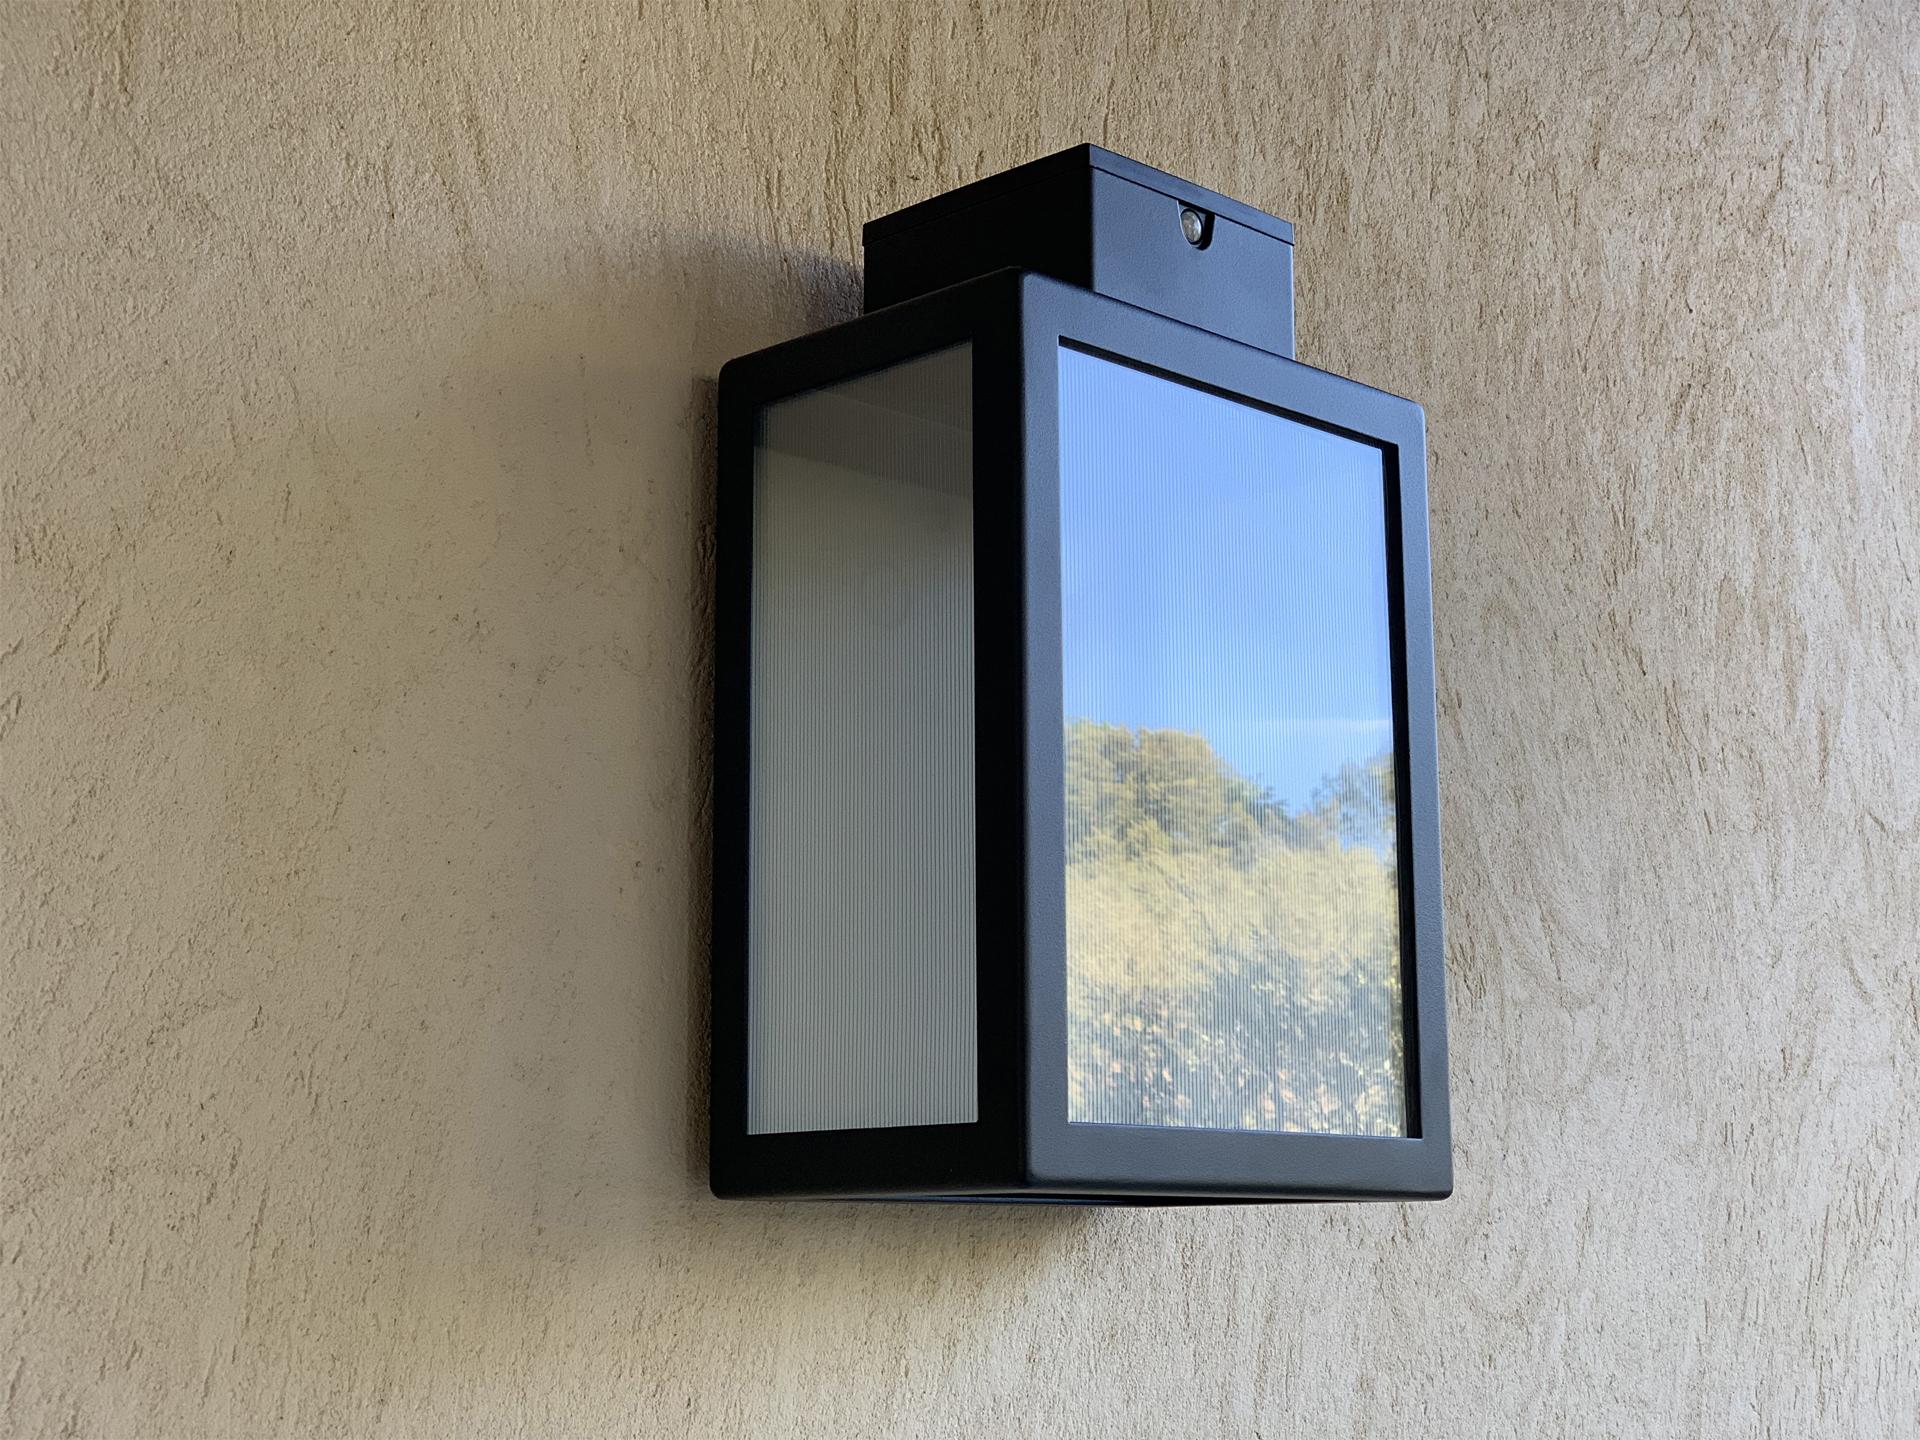 L' applique extérieure solaire APS 030 LYX Luminaires est fabriquée en acier rouille Corten. Cette applique extérieure solaire puissante est équipée d'un capteur solaire performant. Cette lampe extérieure murale solaire fait partie avec les appliques murales LED basse consommation LYX Luminaires de la vaste collection d' appliques murales extérieures LYX Luminaires. L'applique murale design APS 030 est idéale pour l'éclairage de piliers, l'éclairage de portail, l'éclairage de façade, l'éclairage d'entrée, l'éclairage de terrasses, l'éclairage de balcons. Une applique extérieure solaire design pour un éclairage mural moderne et un éclairage mural puissant.